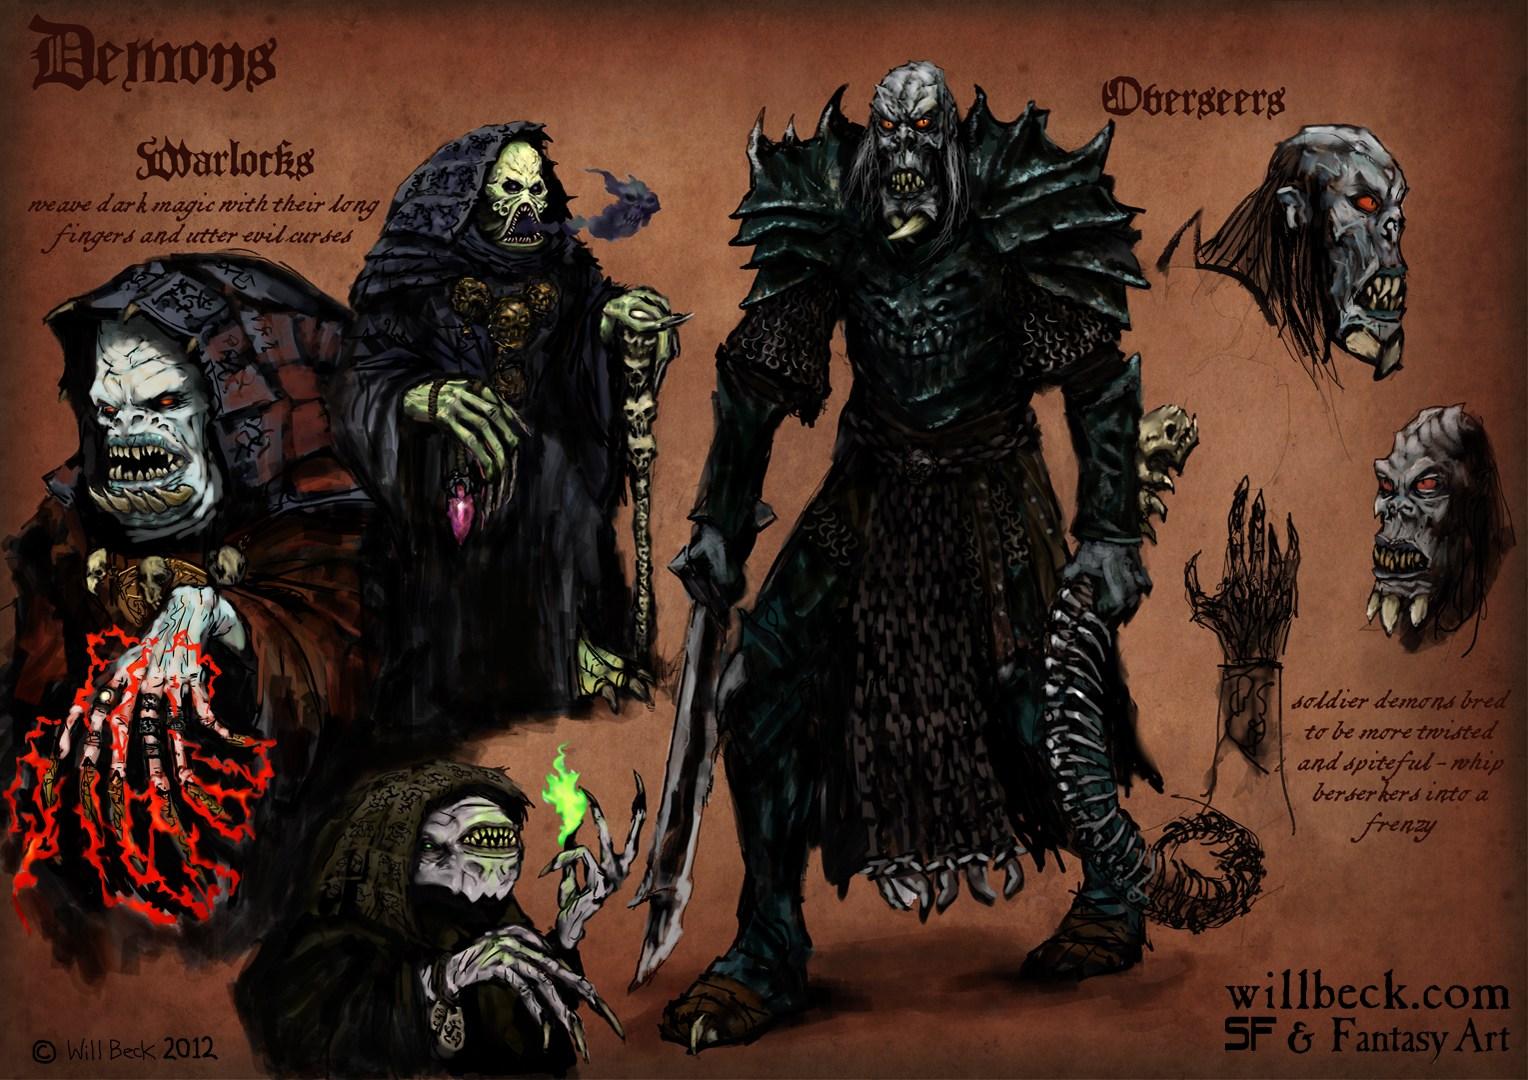 Demons-warlocks-overseers